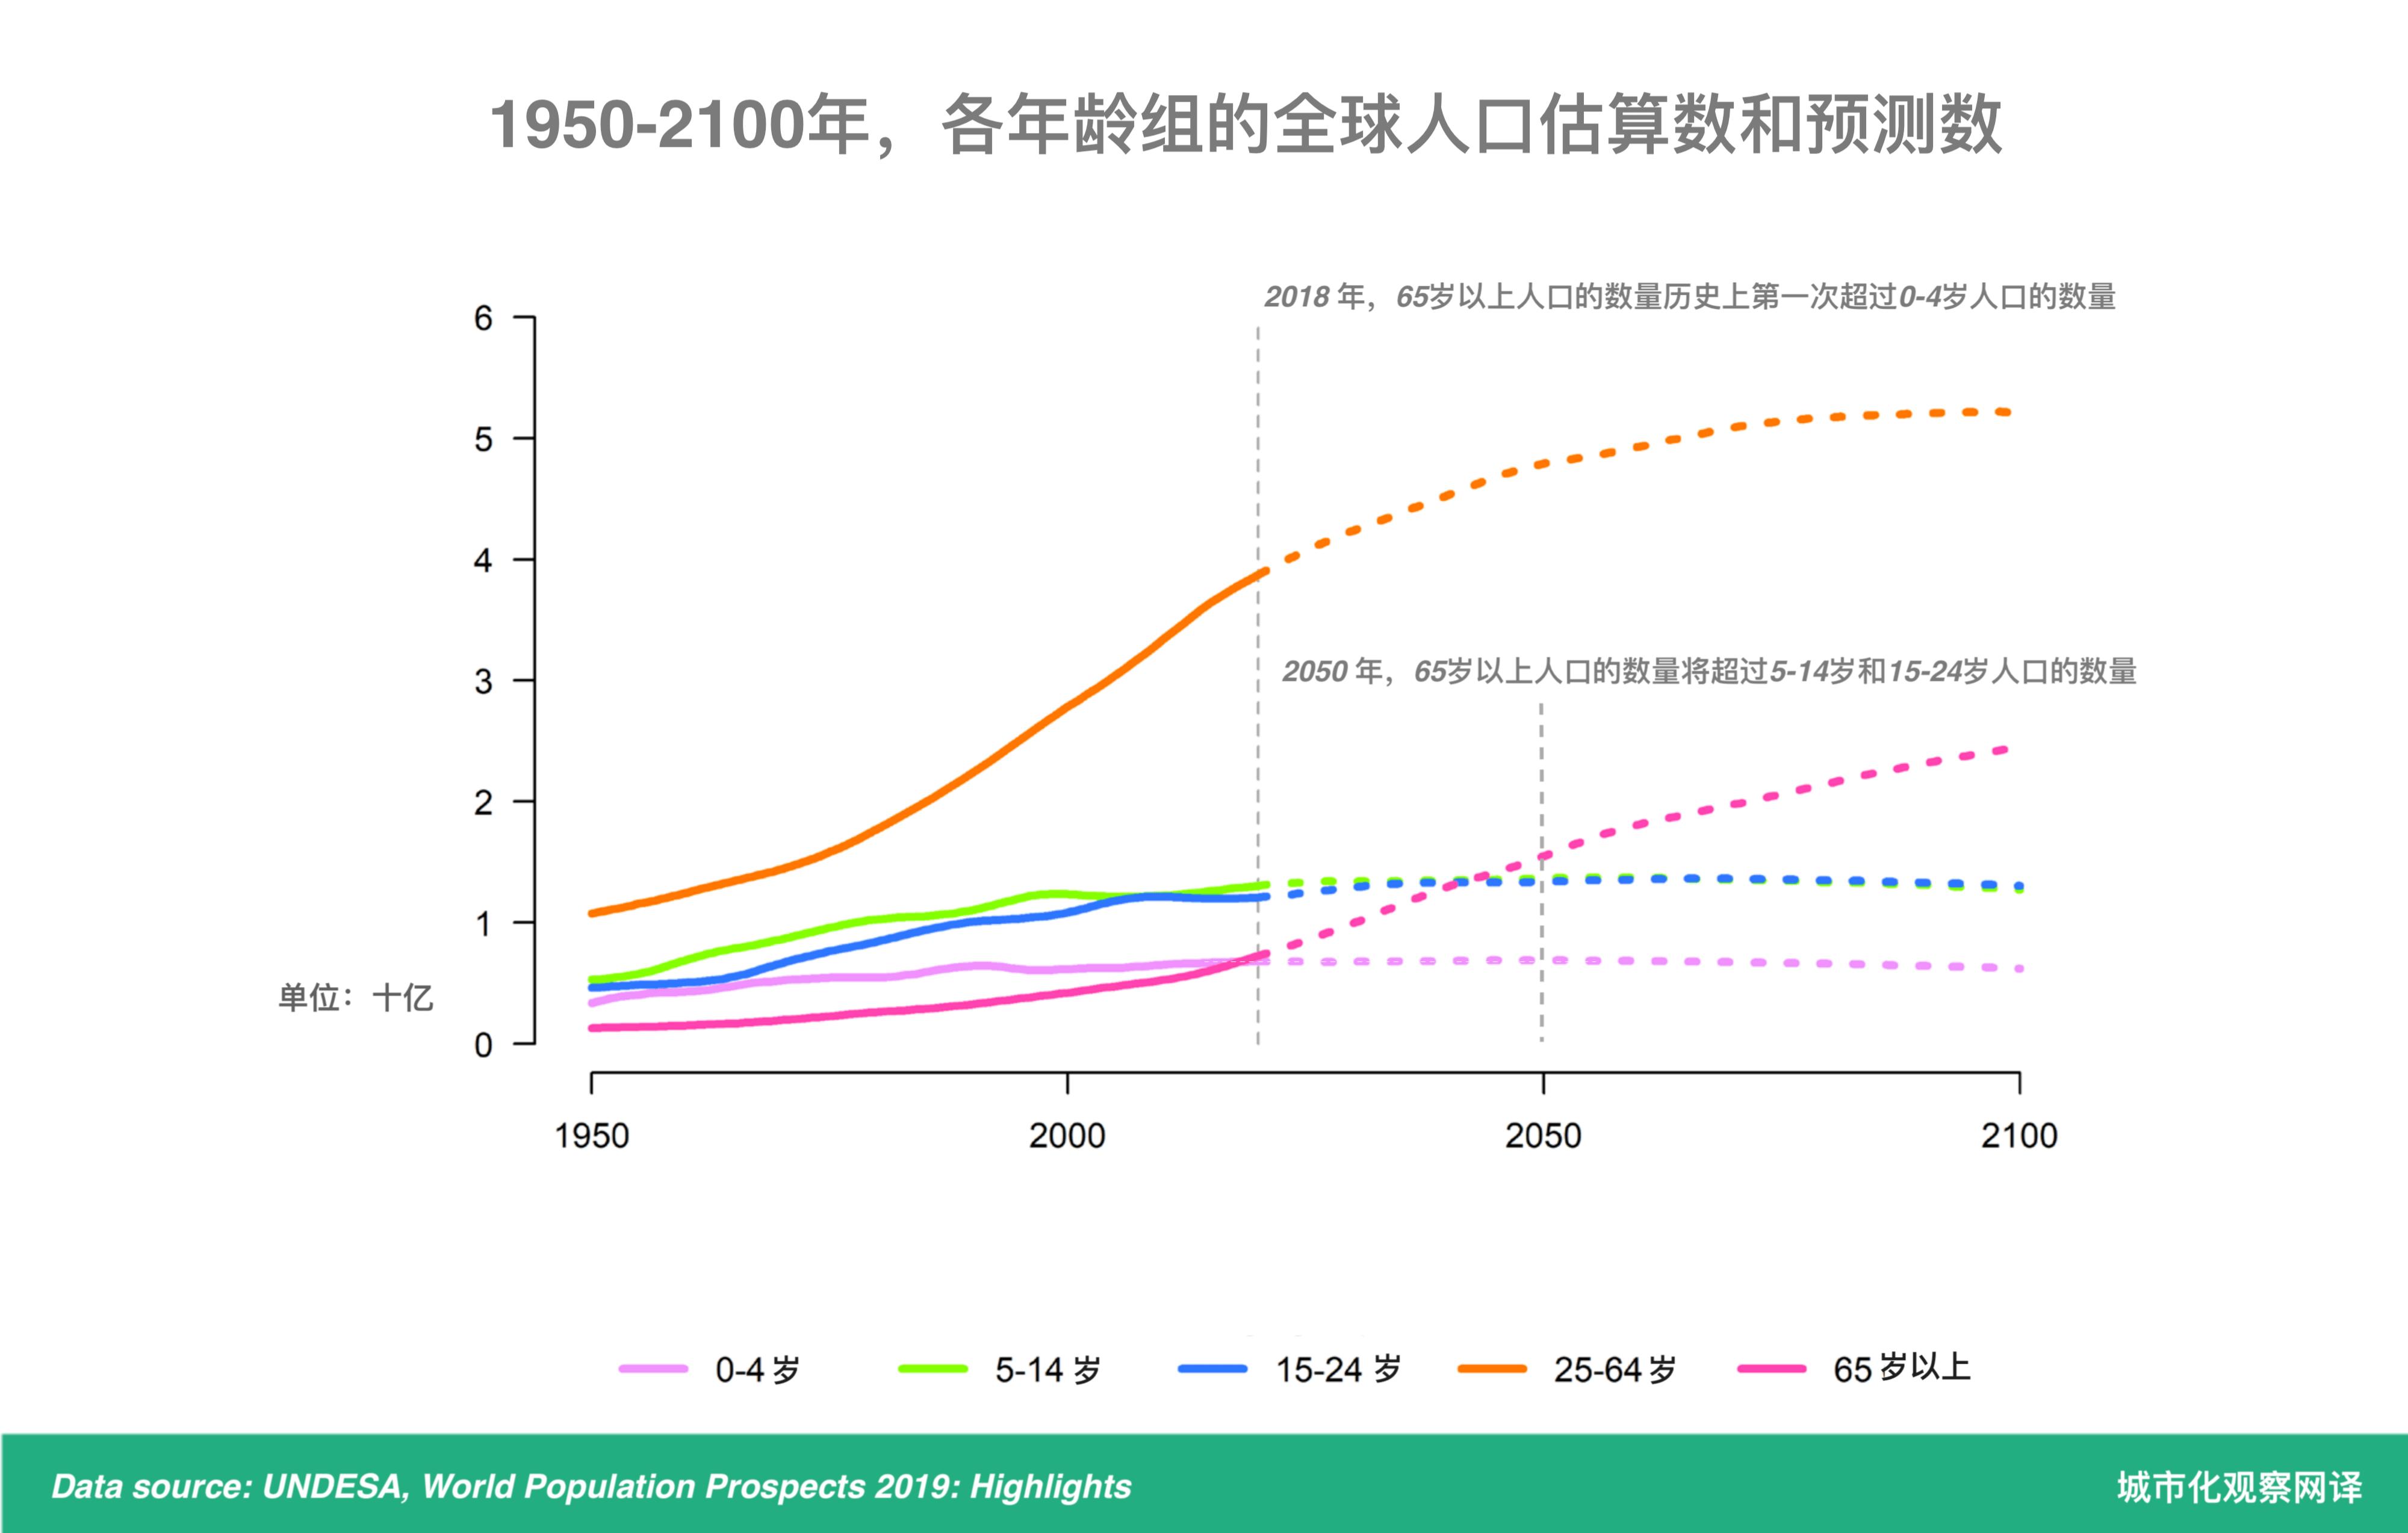 世界人口老龄化的原因_1.5亿人口将患脑退化症,全球人口老龄化猛增问题